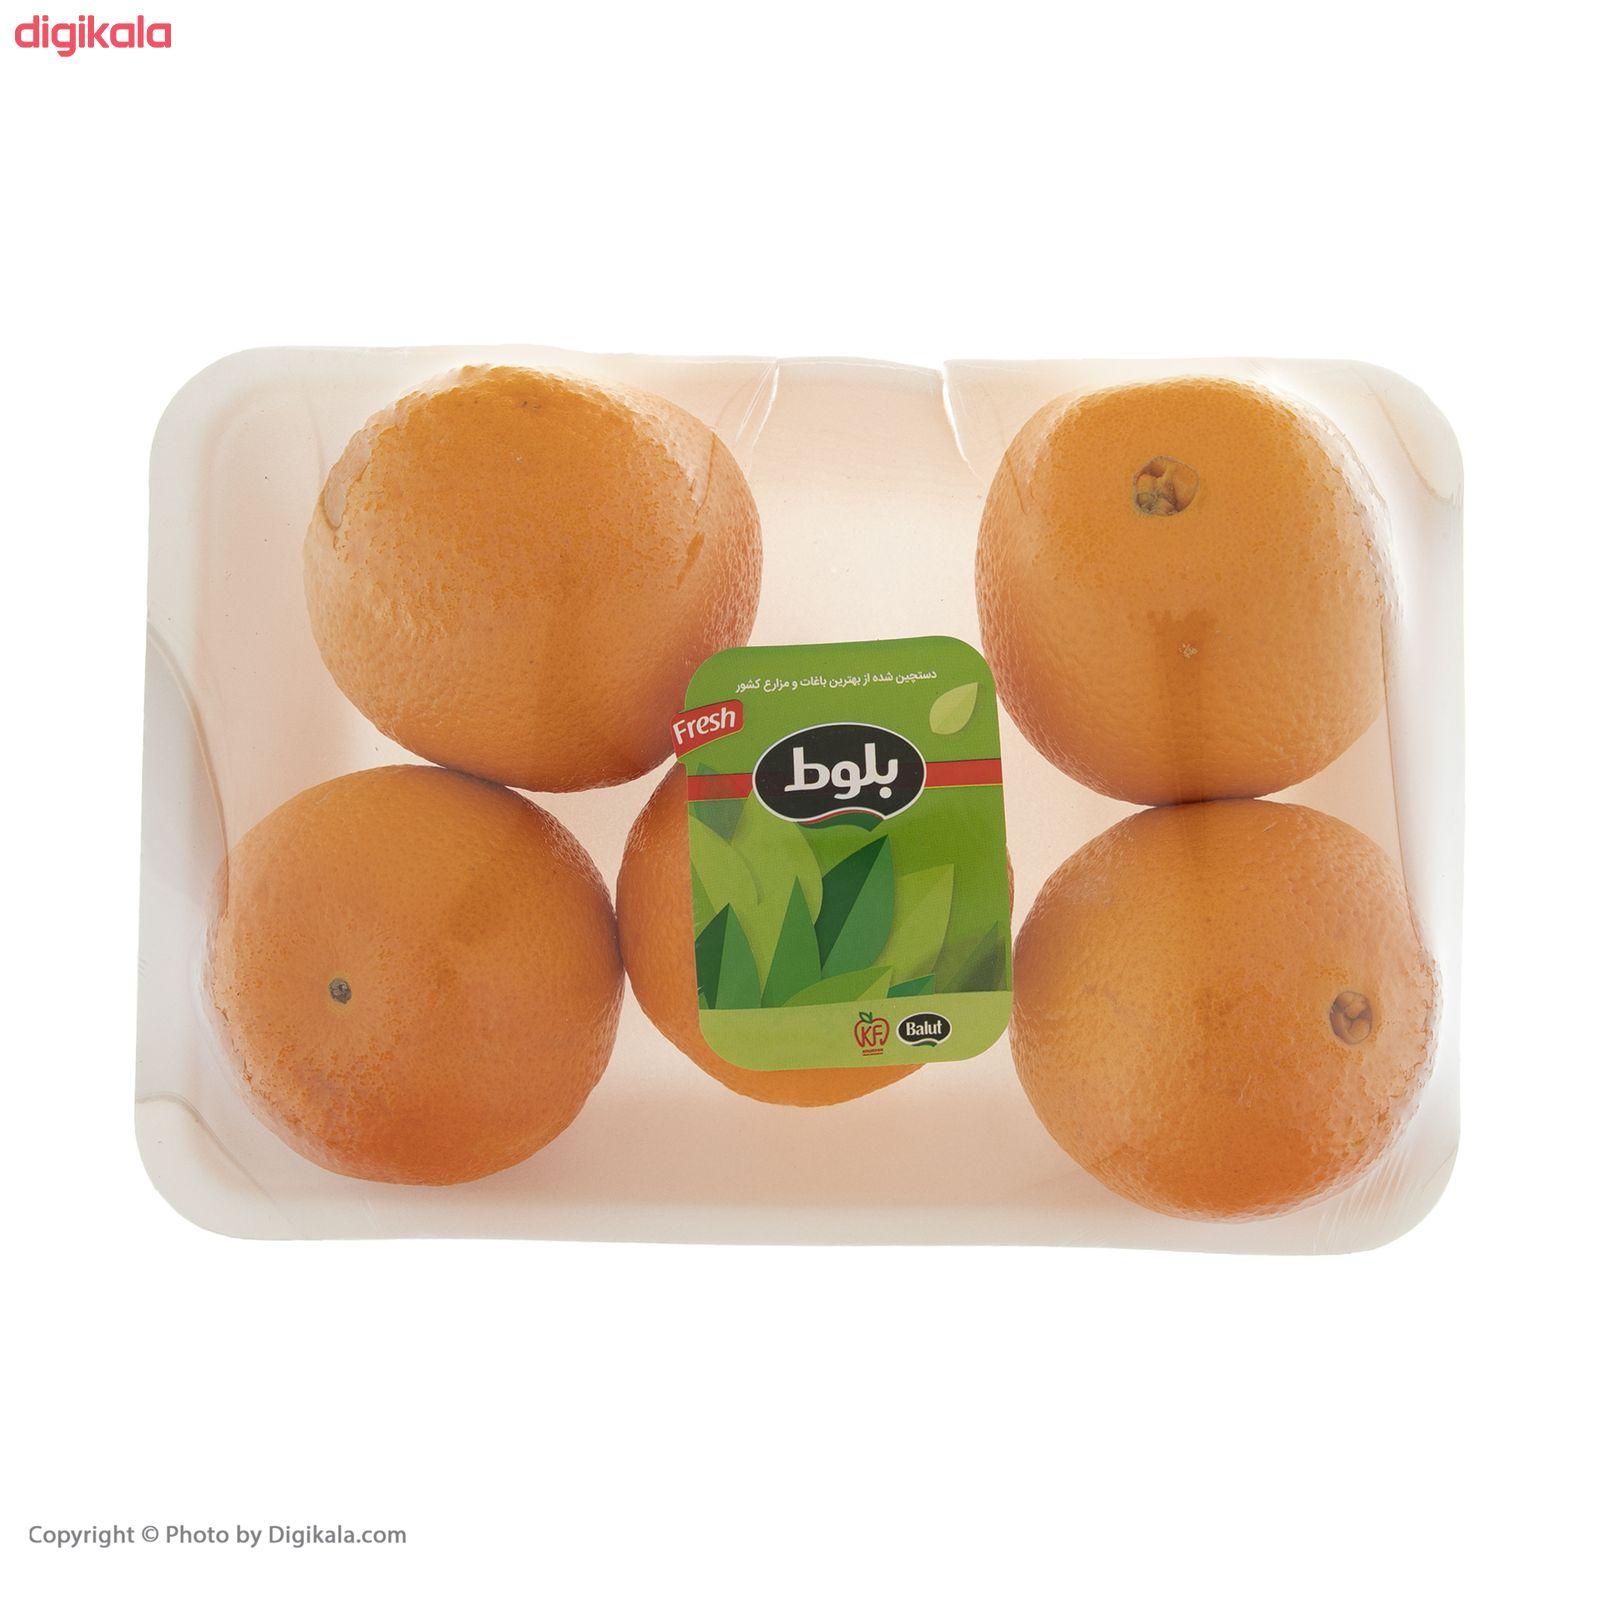 پرتقال تامسون جنوب بلوط - 1 کیلوگرم  main 1 4